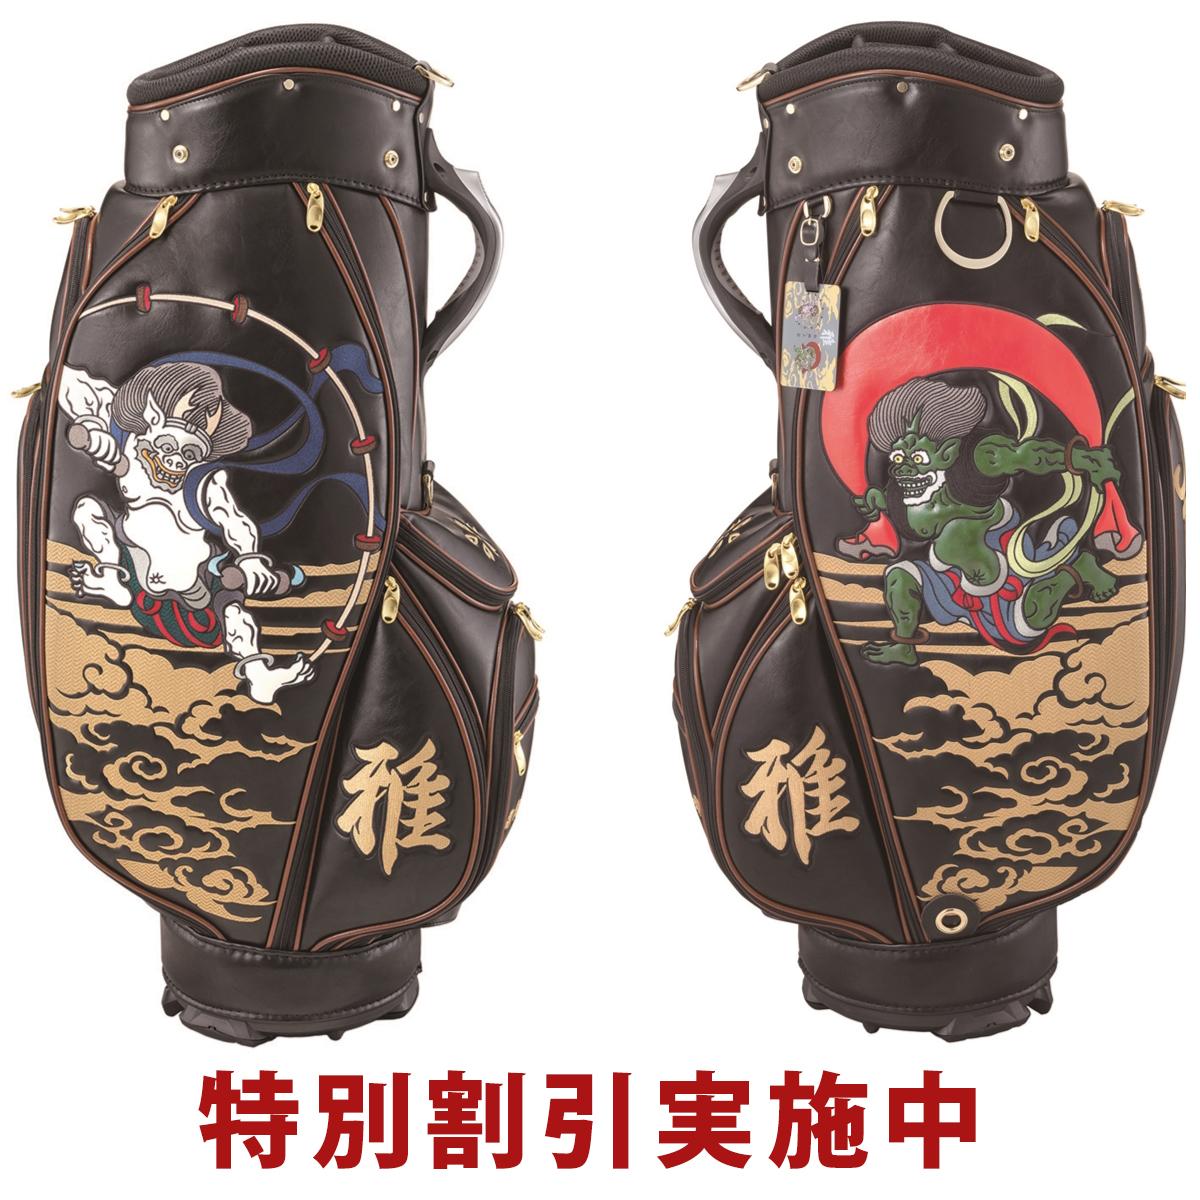 風神雷神キャディバッグ2020 JAPANモデル